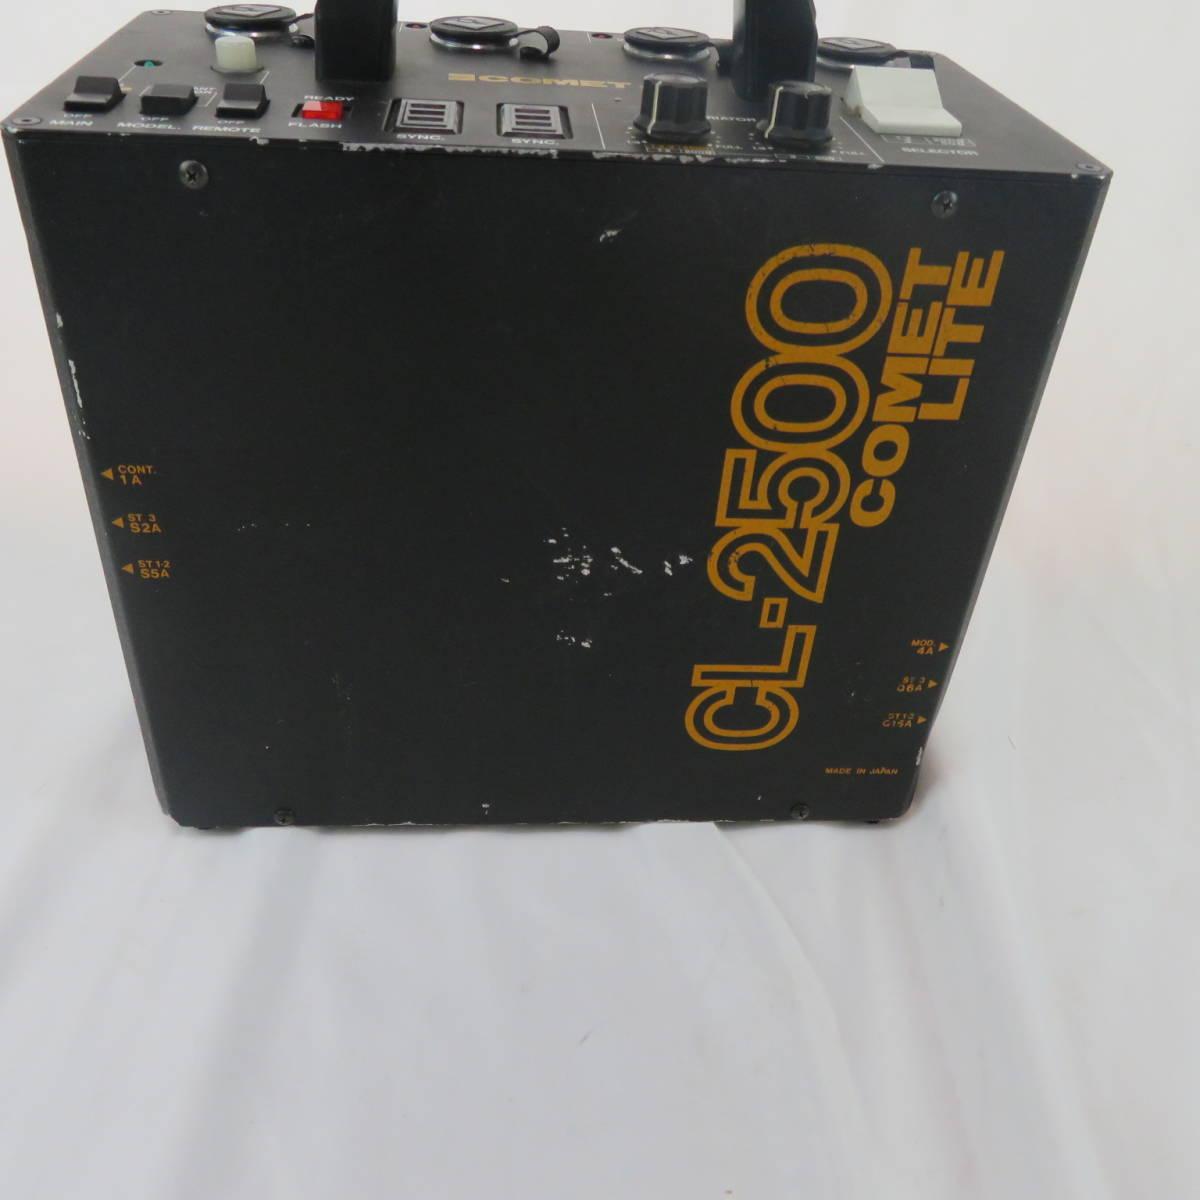 コメット CL-2500 ストロボ 業務用 動作未確認(20-1092)_画像3